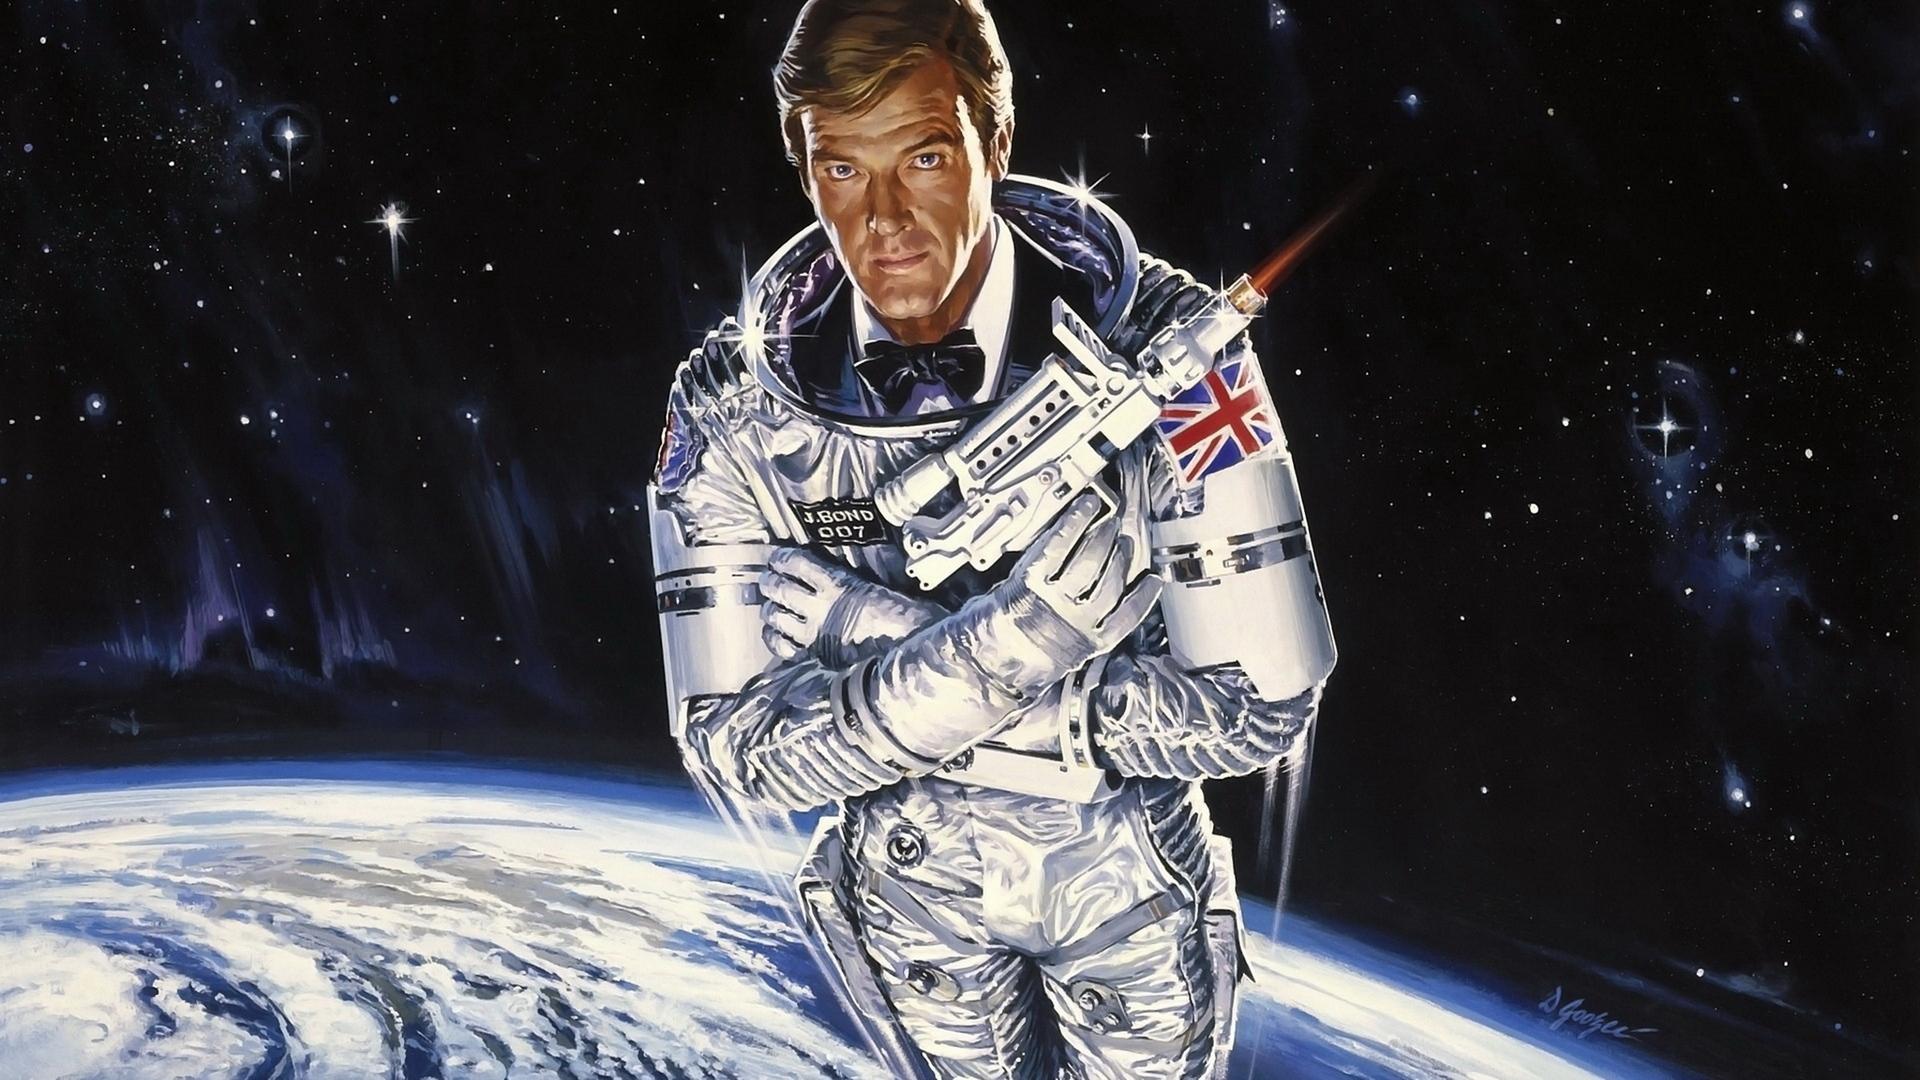 James Bond Wallpaper 1080p - WallpaperSafari